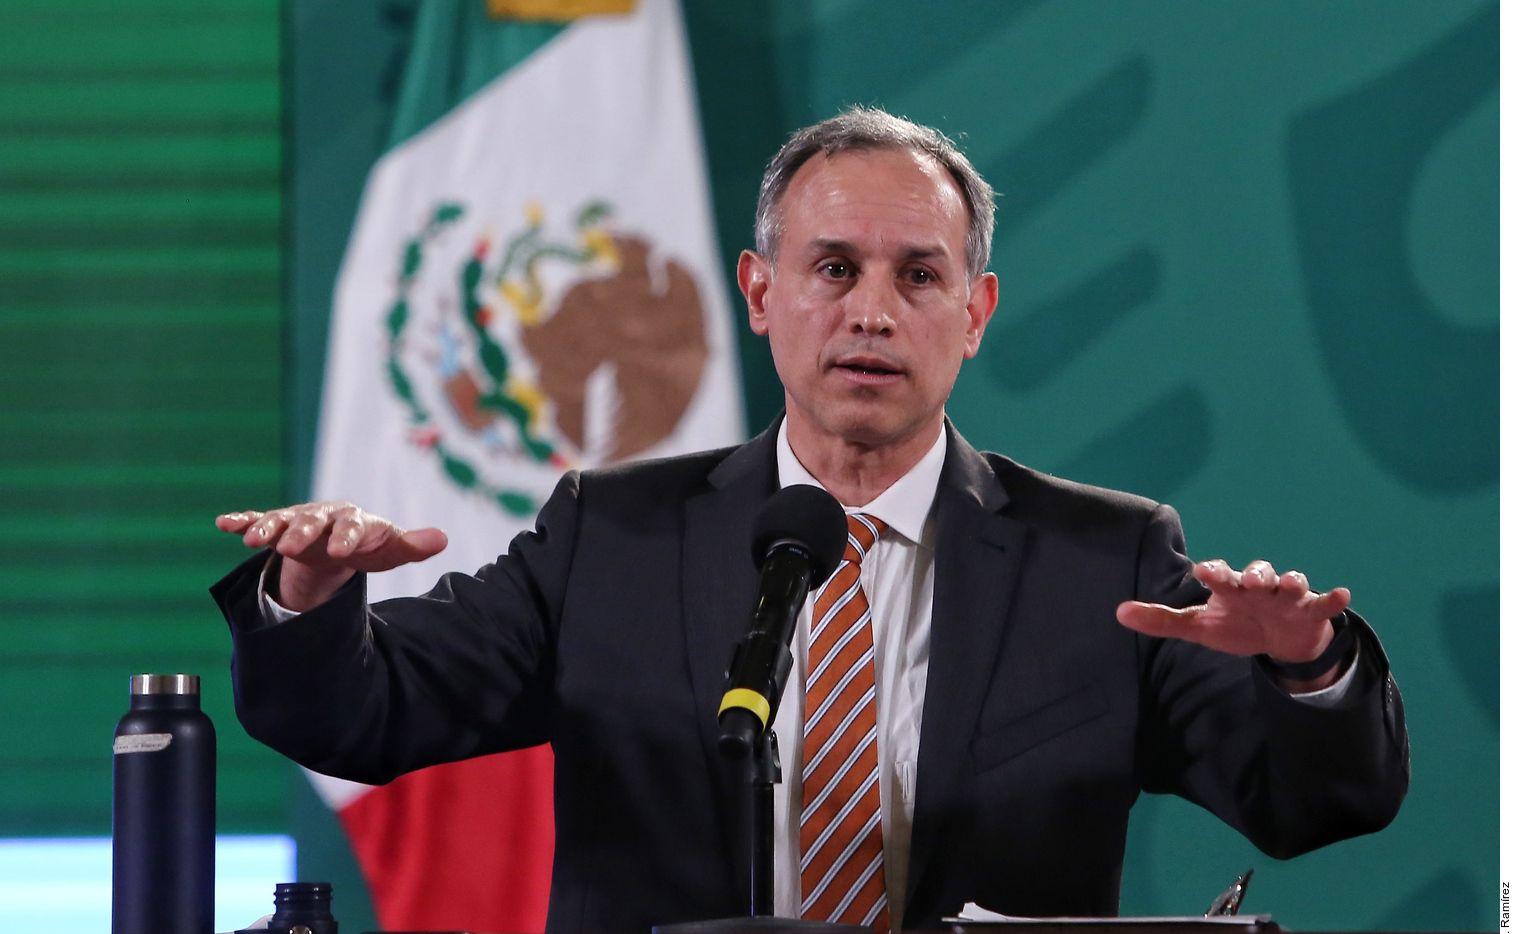 Luego que usuarios de redes sociales difundieran imágenes del subsecretario de la Salud, Hugo López-Gatell, vacacionando en Zipolite, Oaxaca, el funcionario señaló que no tenía nada que ocultar.